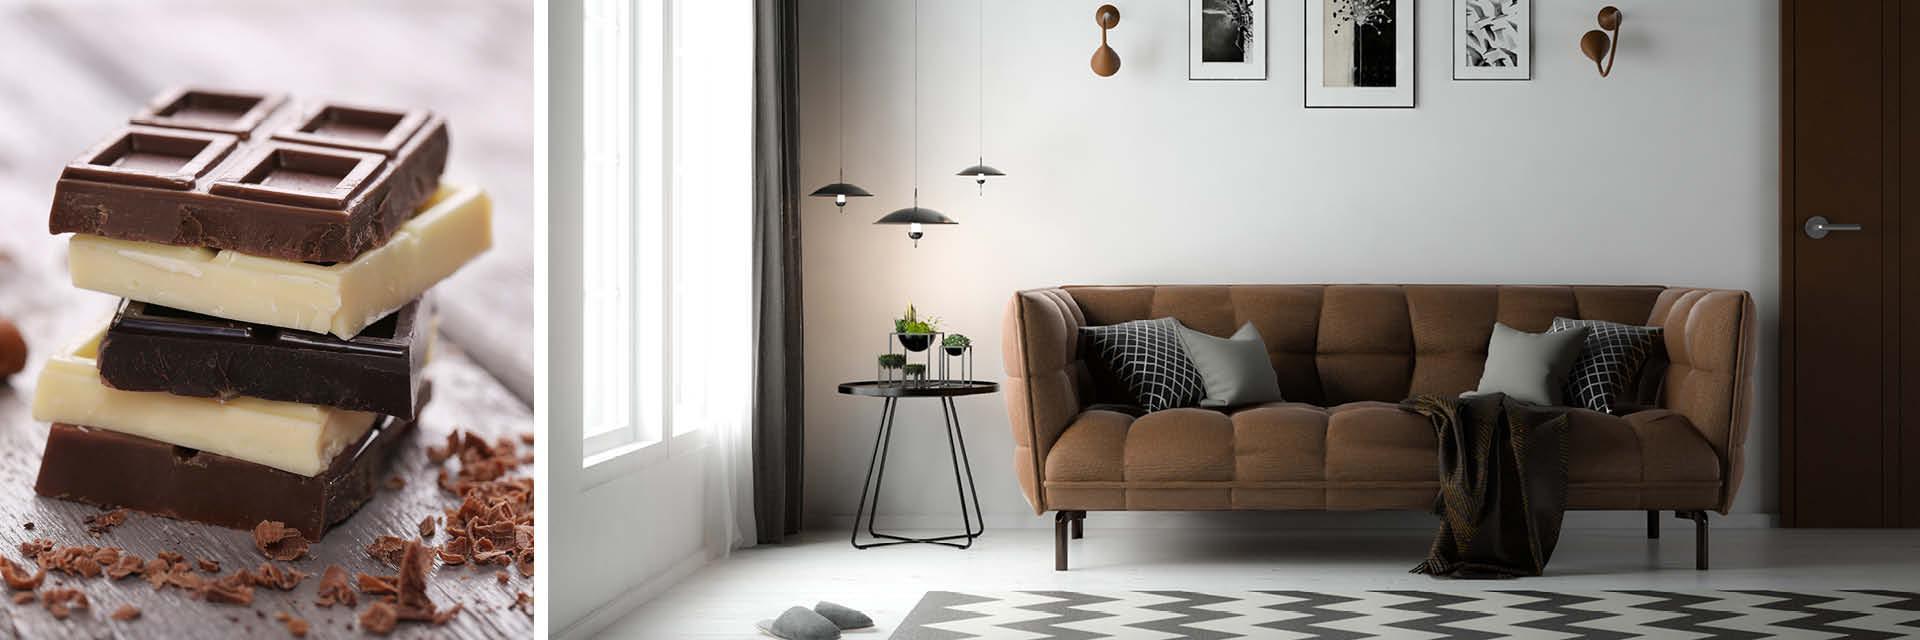 Schlafzimmer Schwarz Weiß Braun